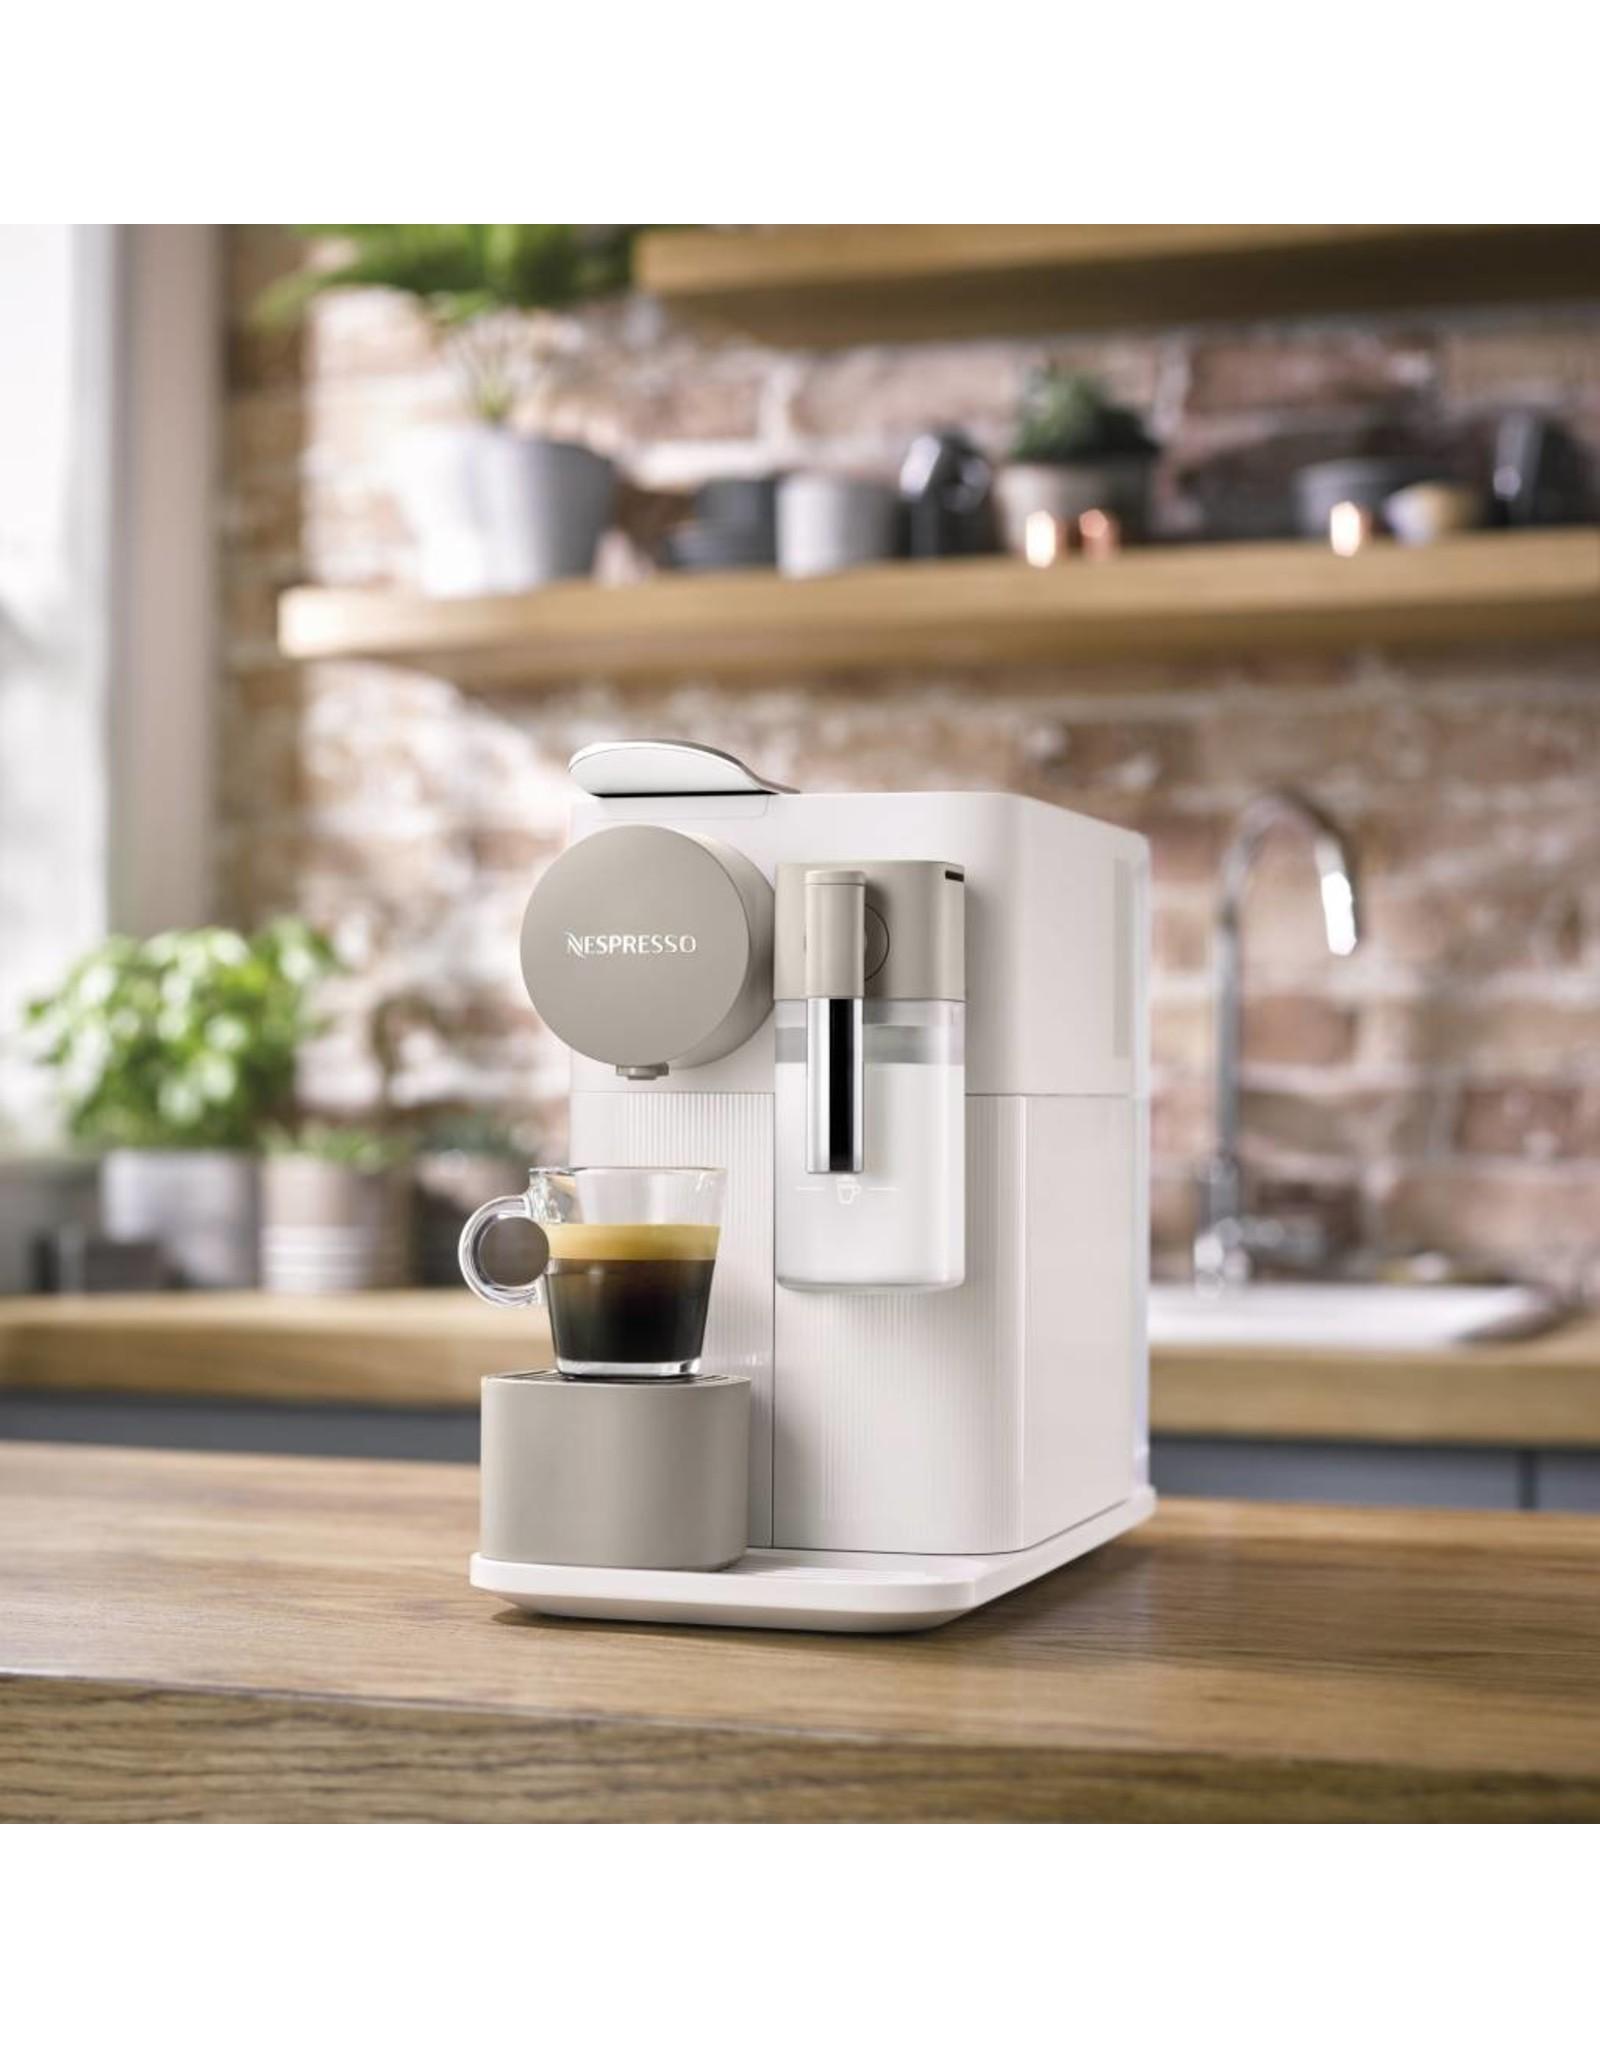 DeLonghi DeLonghi Lattissima One Espressomachine Silky White